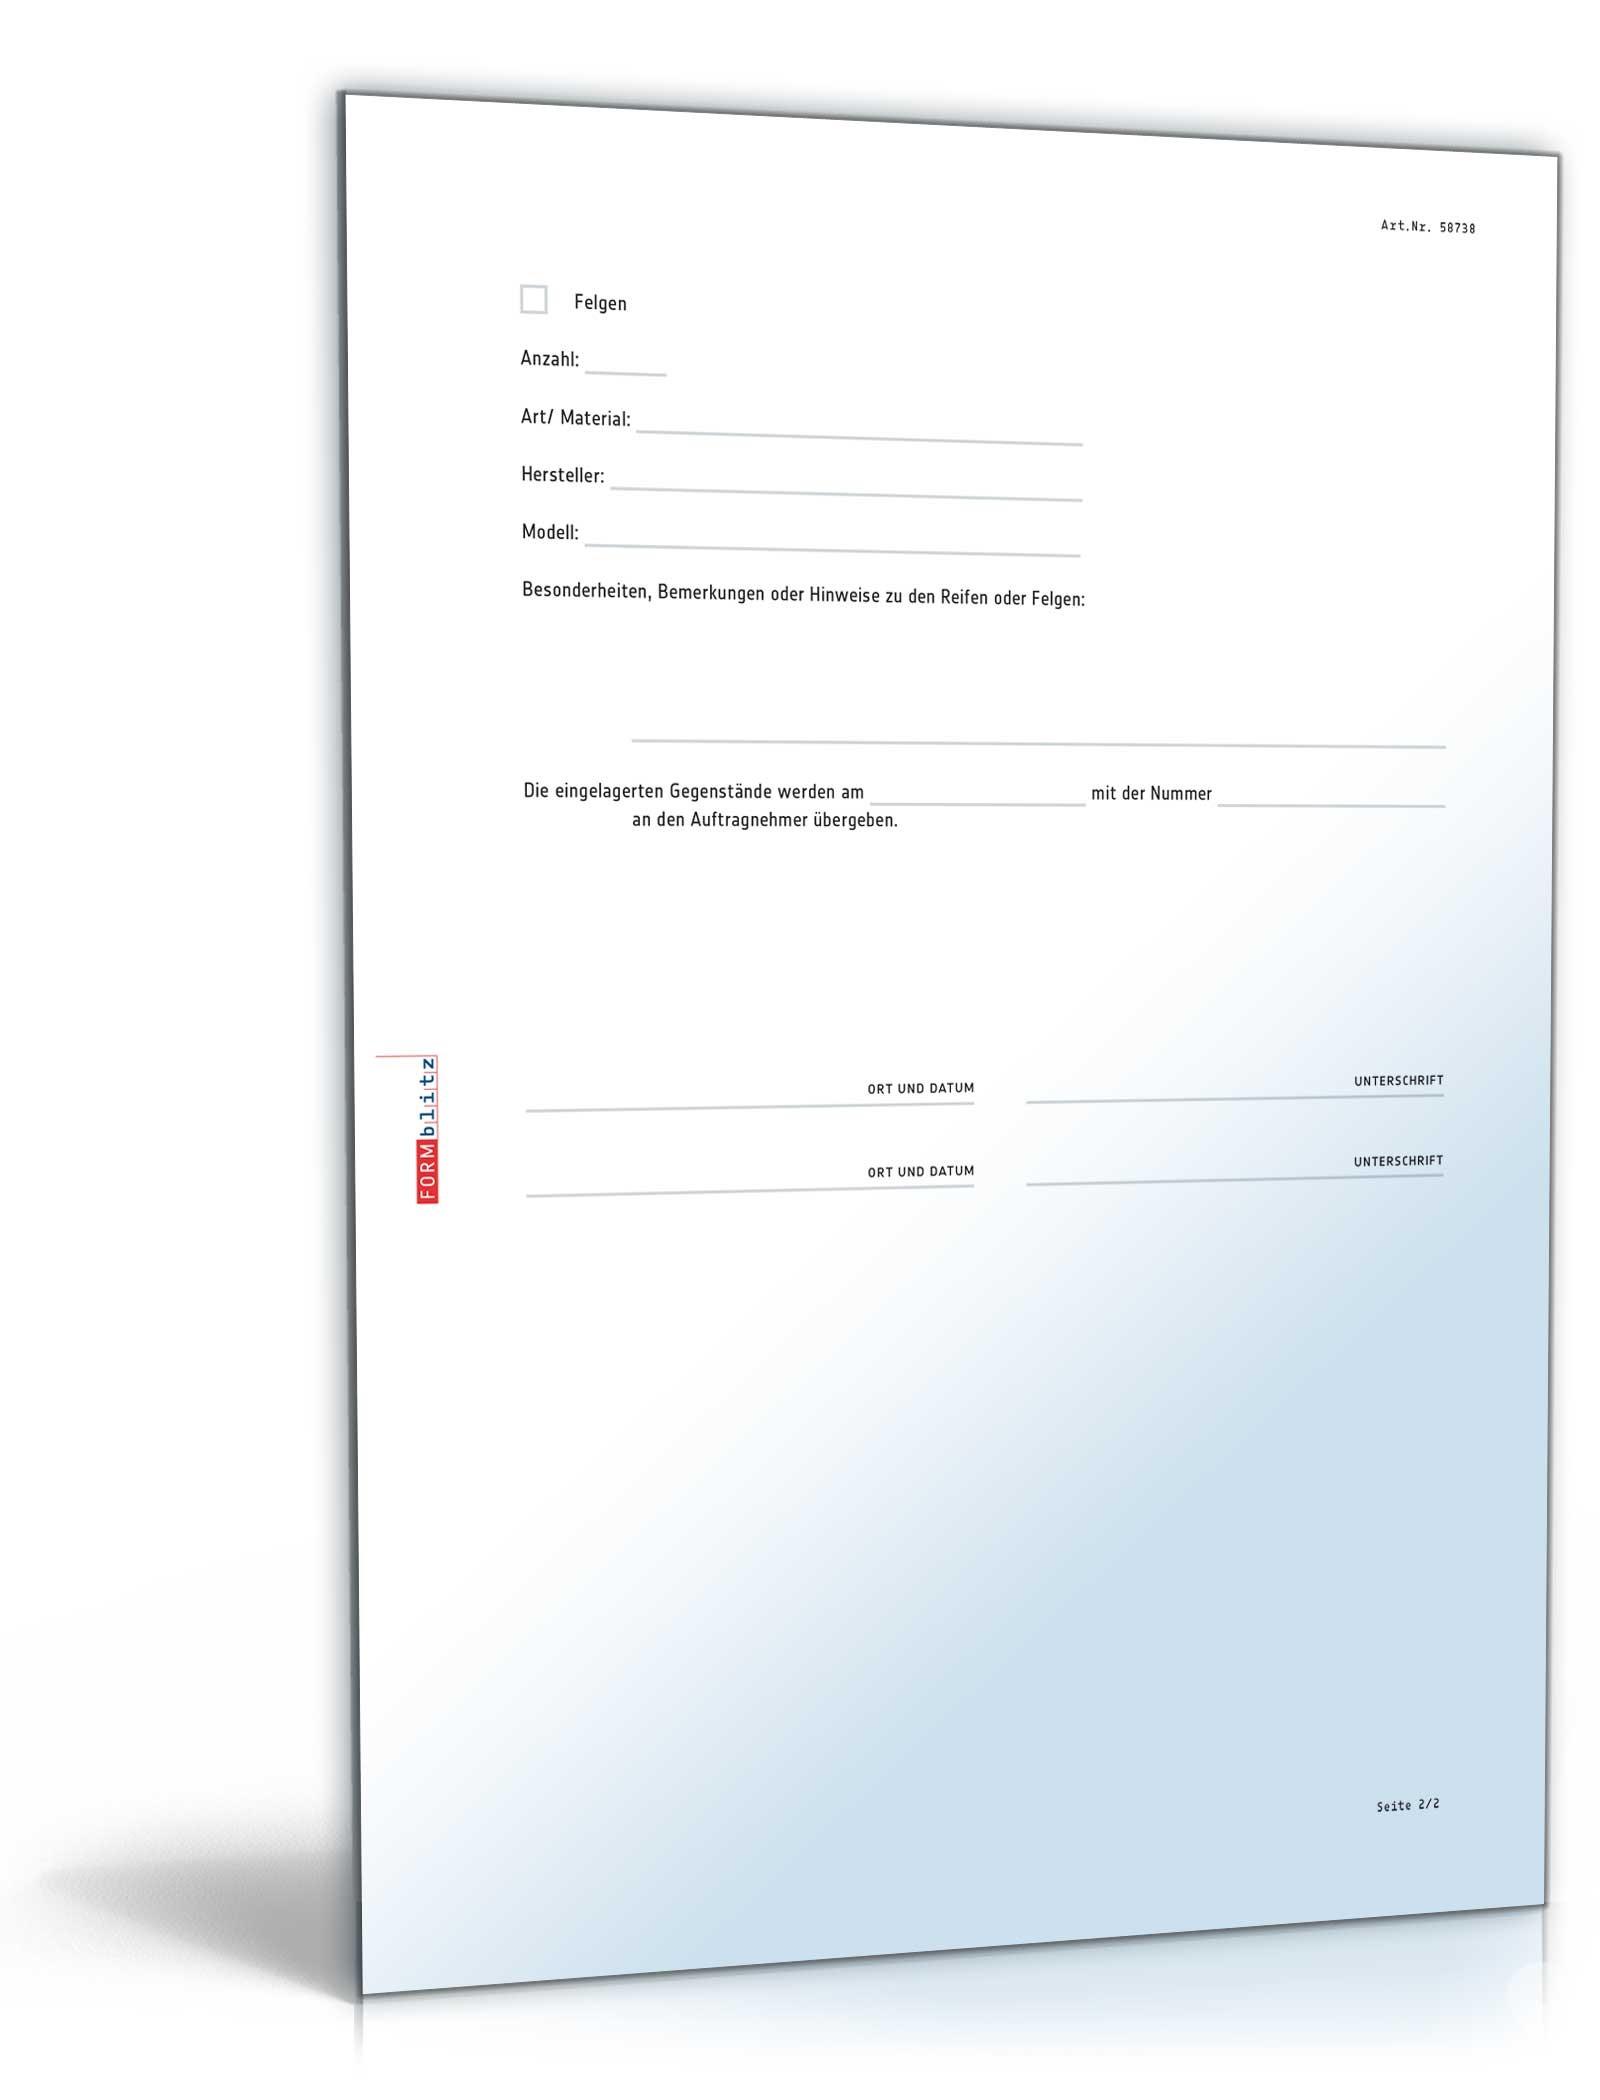 protokoll zur einlagerung von reifen - Protokoll Muster